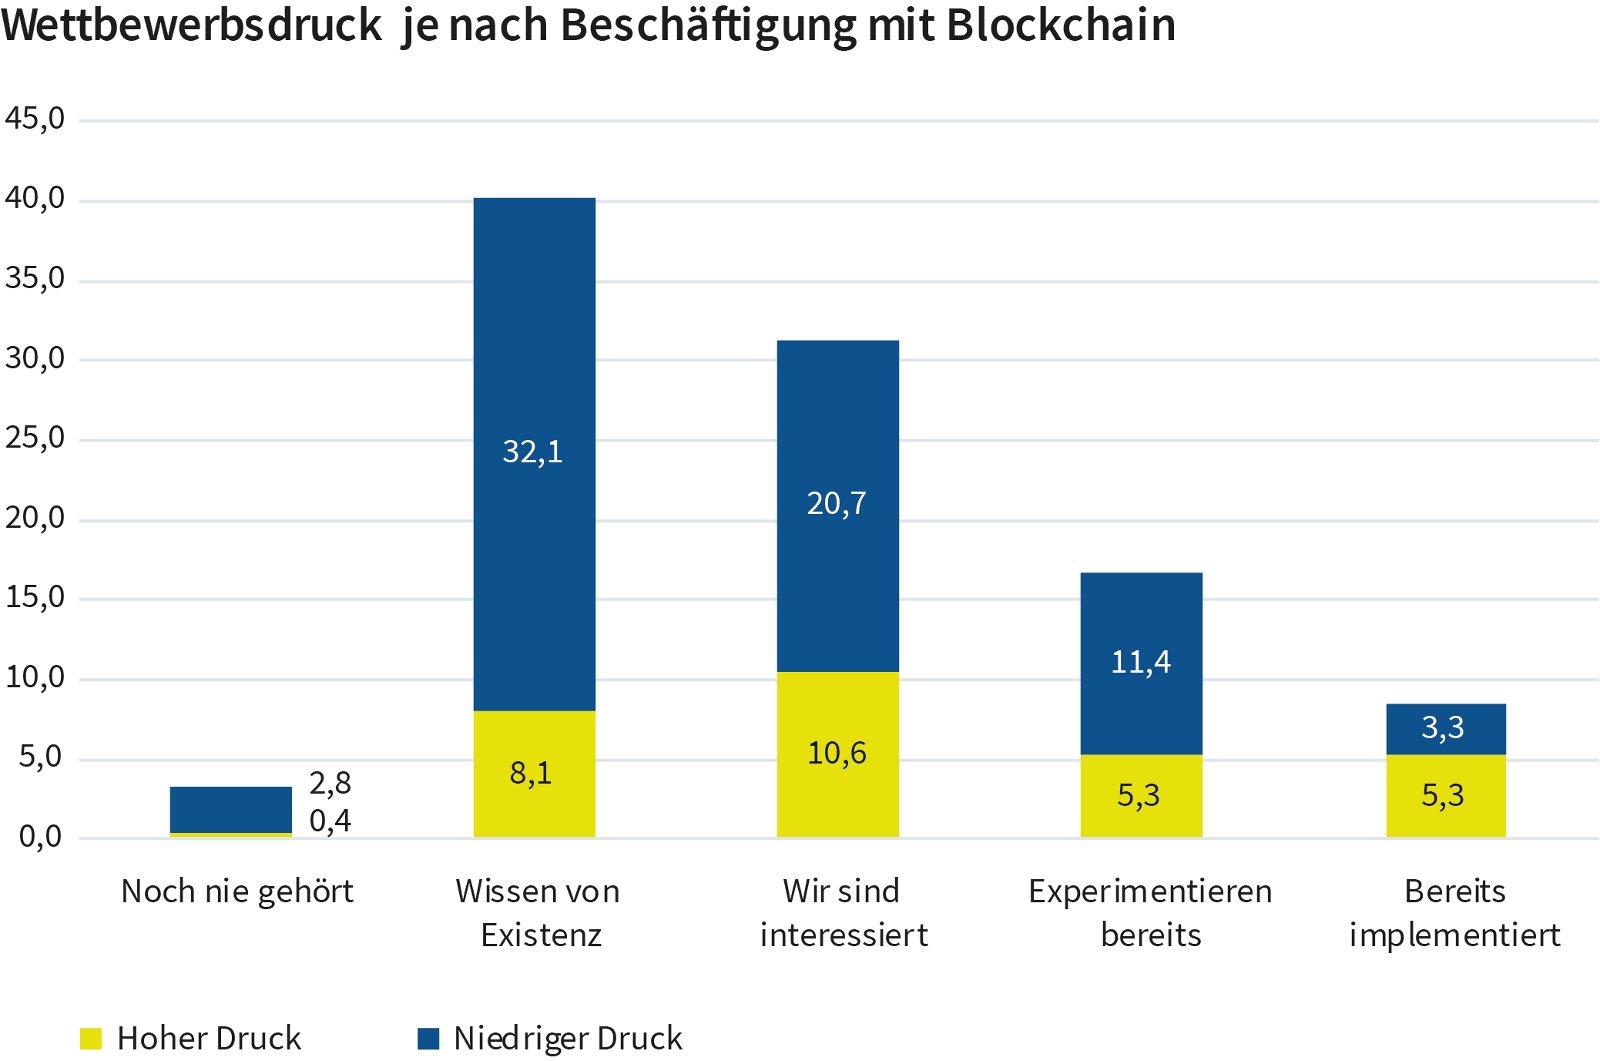 Wettbewerbsdruck je nach Beschäftigung mit Blockchain